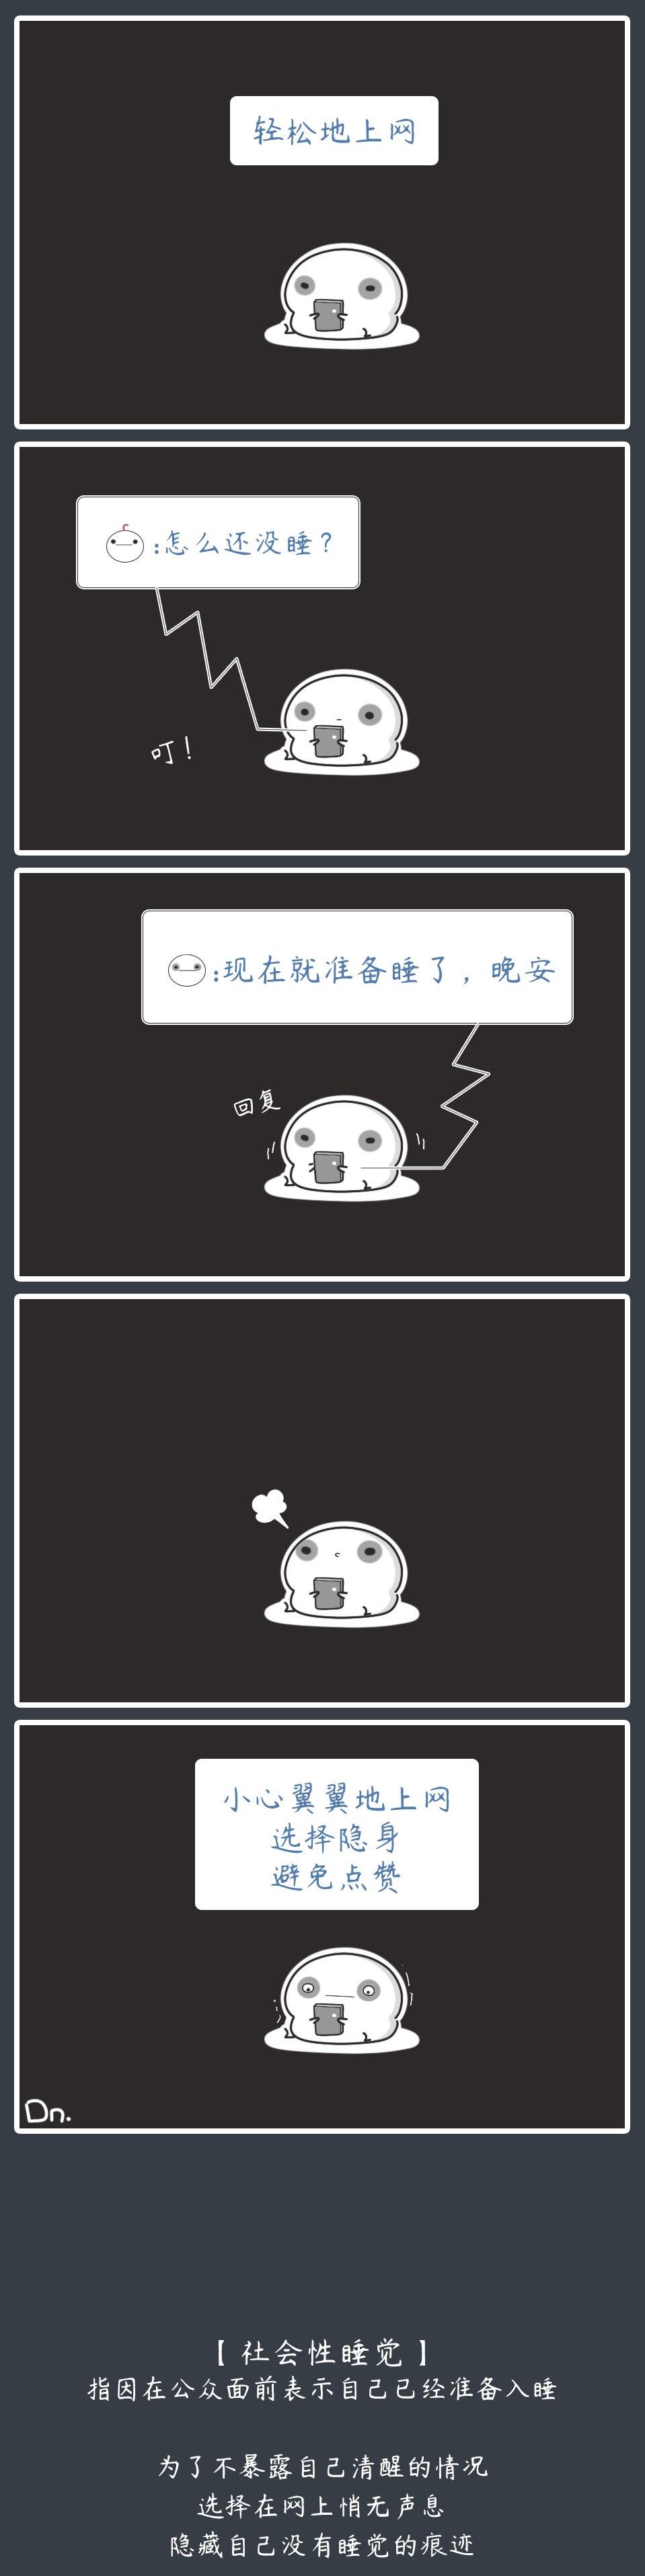 """""""社会性睡眠"""",我睡了,但没完全睡"""